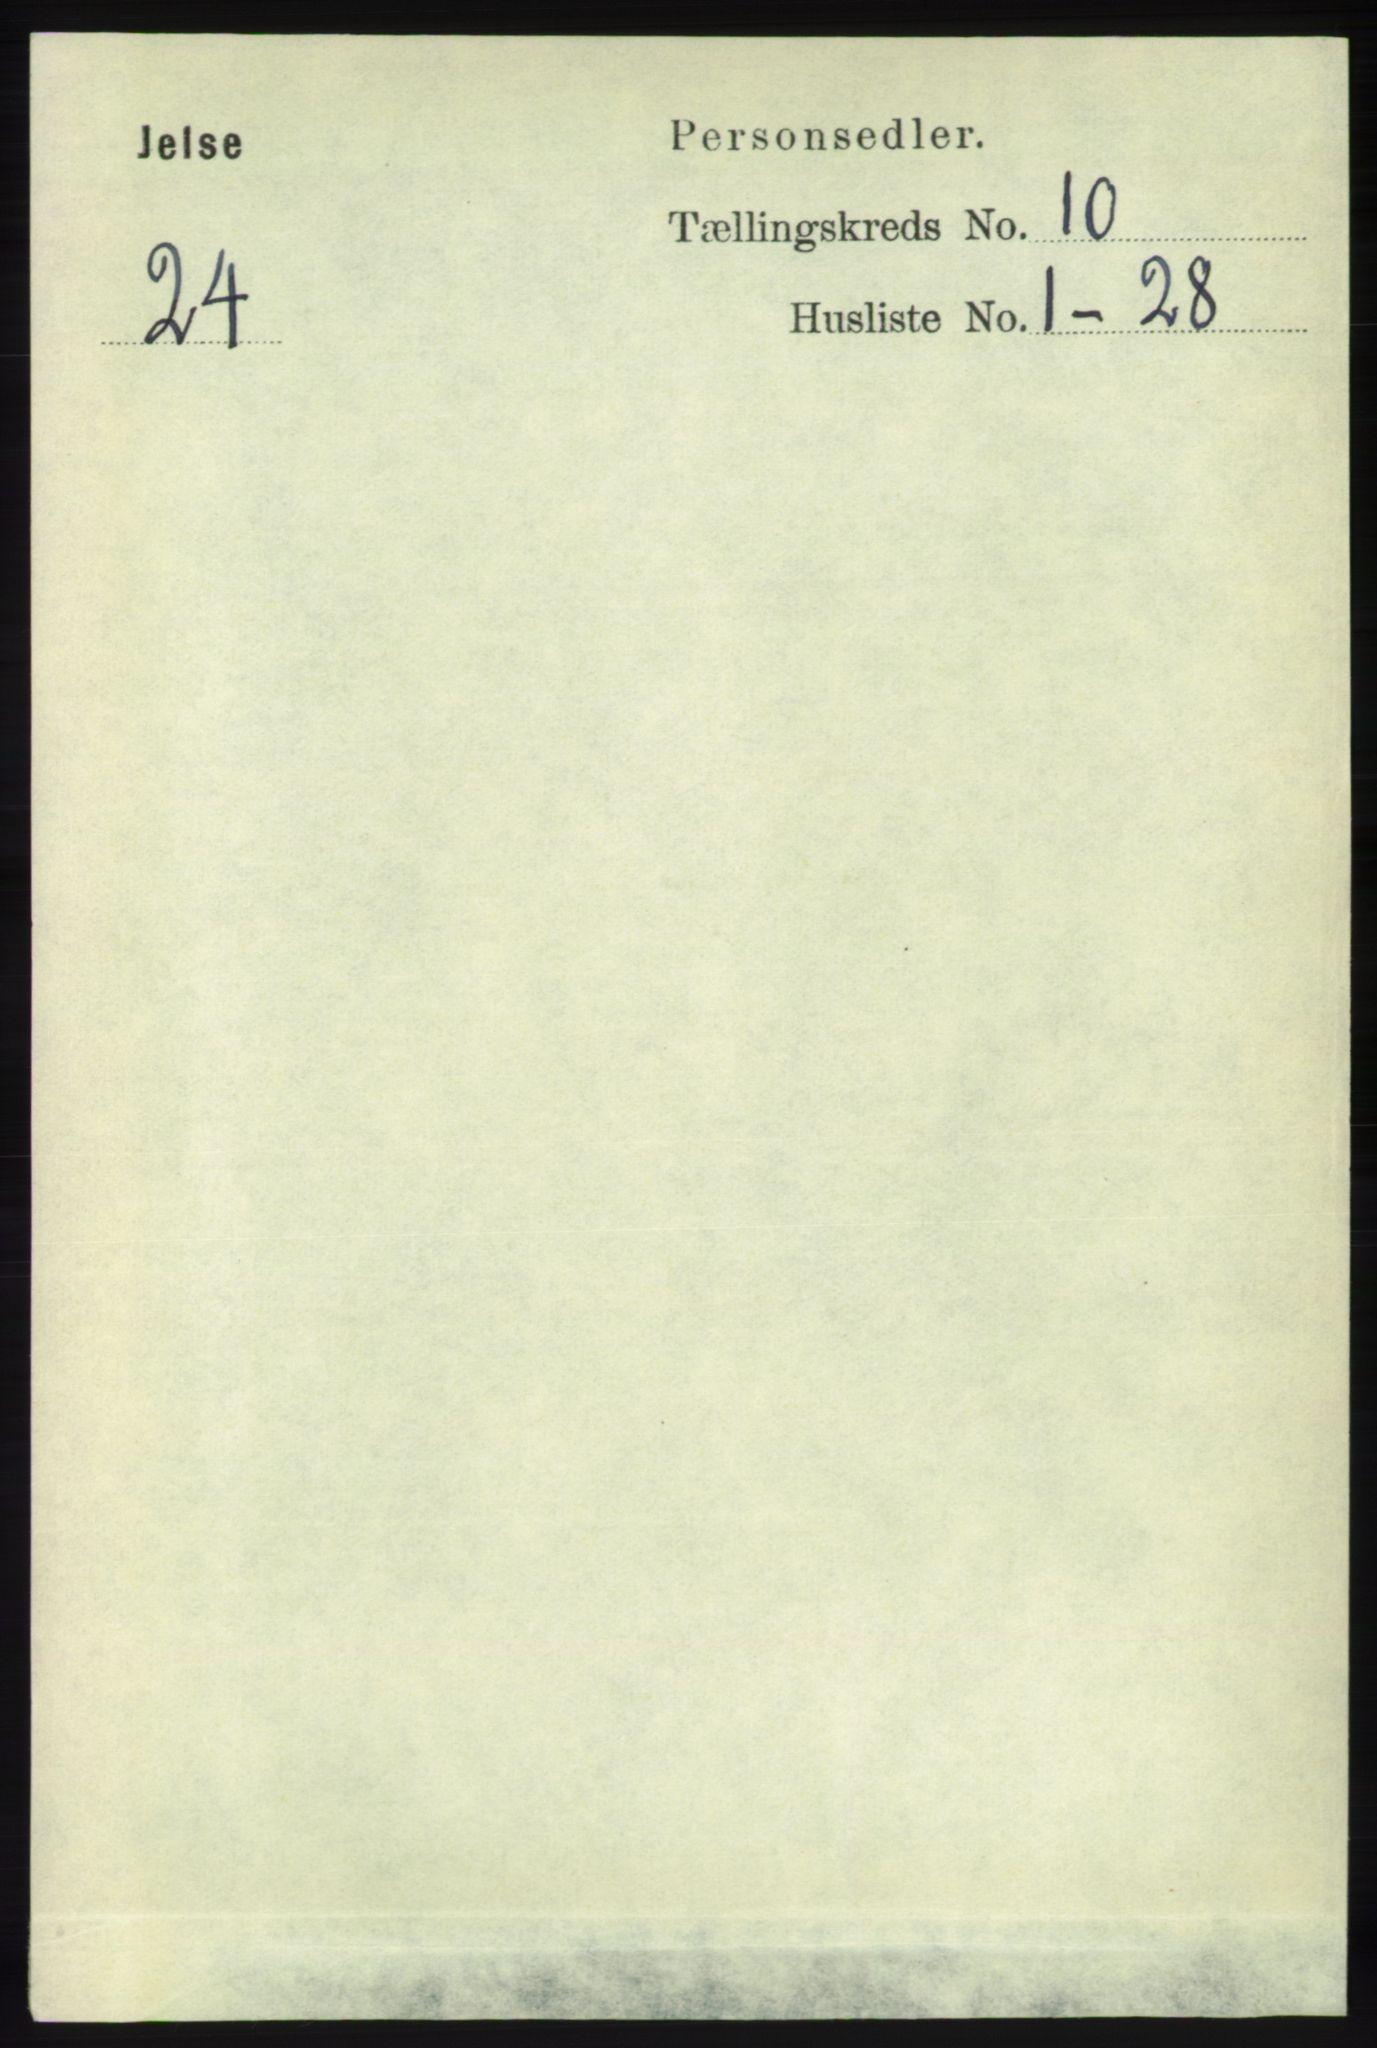 RA, Folketelling 1891 for 1138 Jelsa herred, 1891, s. 2426